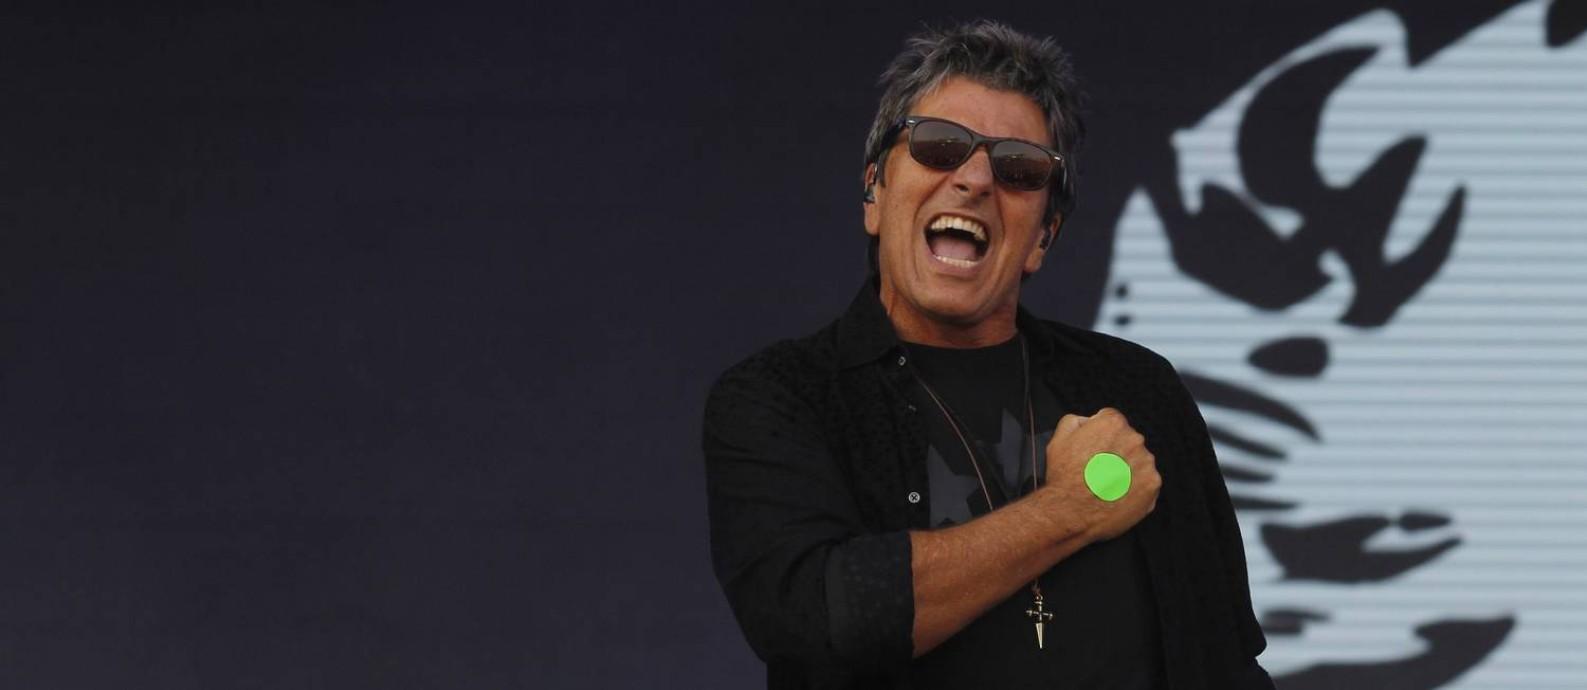 Crítica: Rock bem-humorado da Blitz alegra o sábado no Sunset Foto: Pedro Teixeira / Agência O Globo